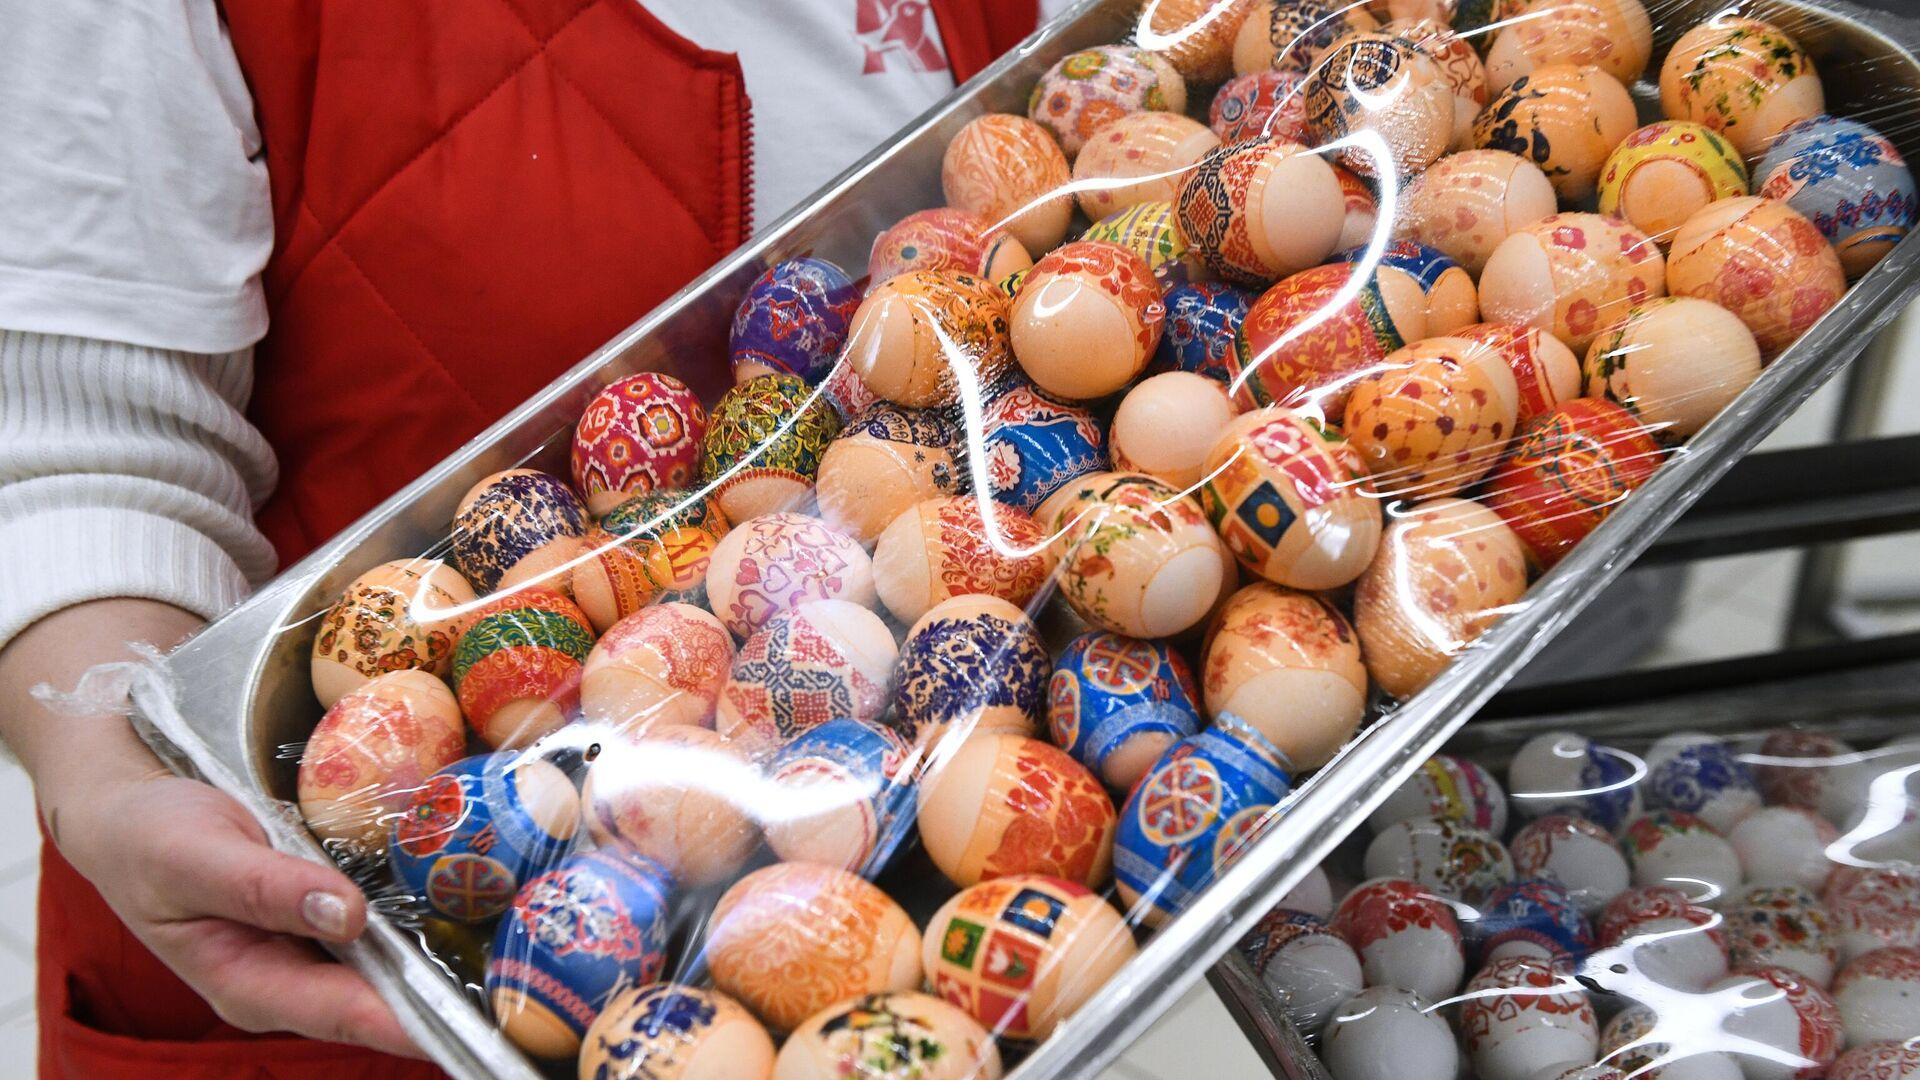 Пасхальные яйца в гипермаркете Ашан - РИА Новости, 1920, 29.04.2021